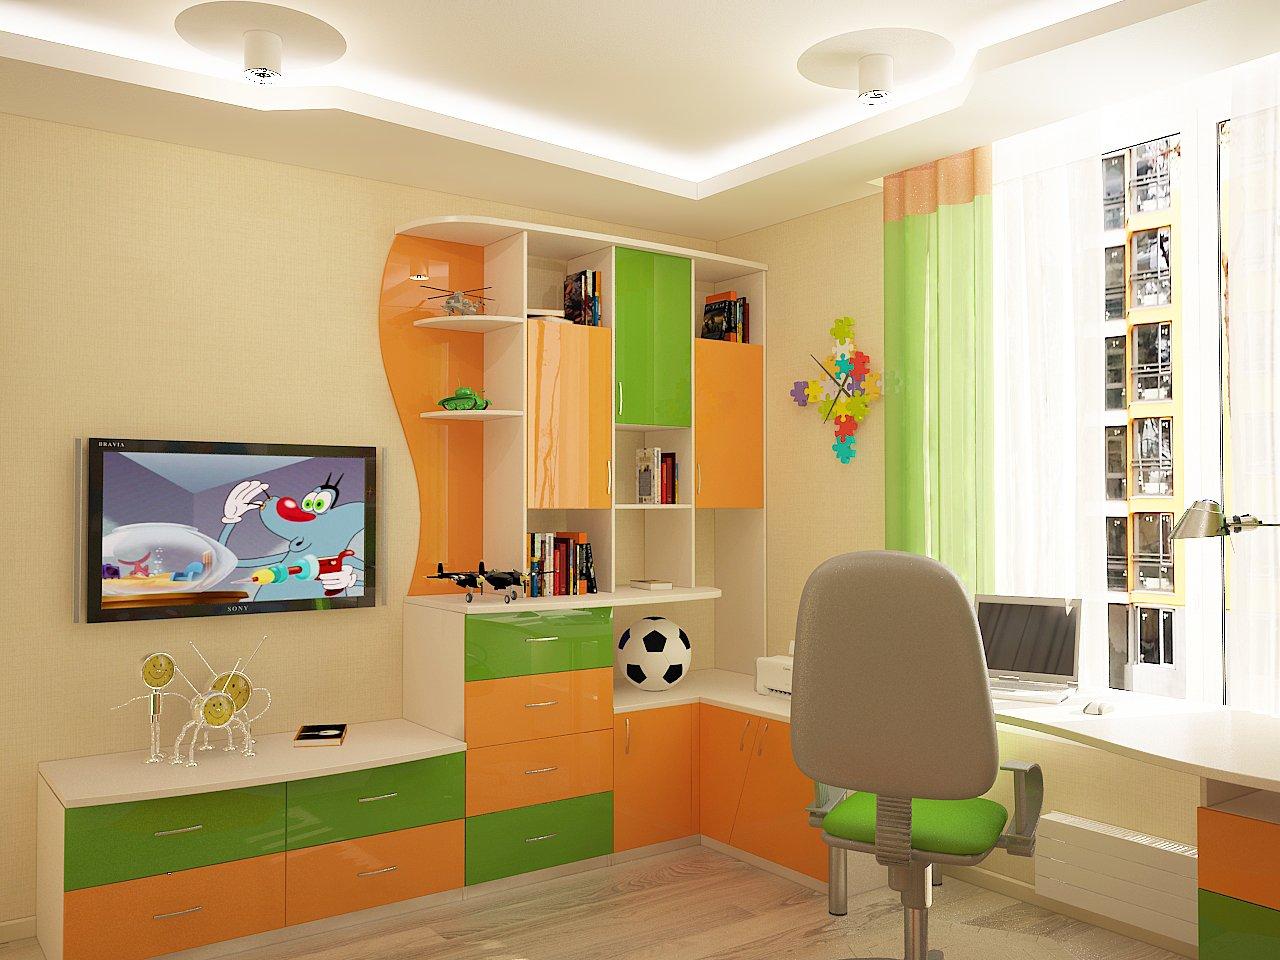 Дизайн детской комнаты Киев оранжевый цвет, яркие цвета, рабочее место